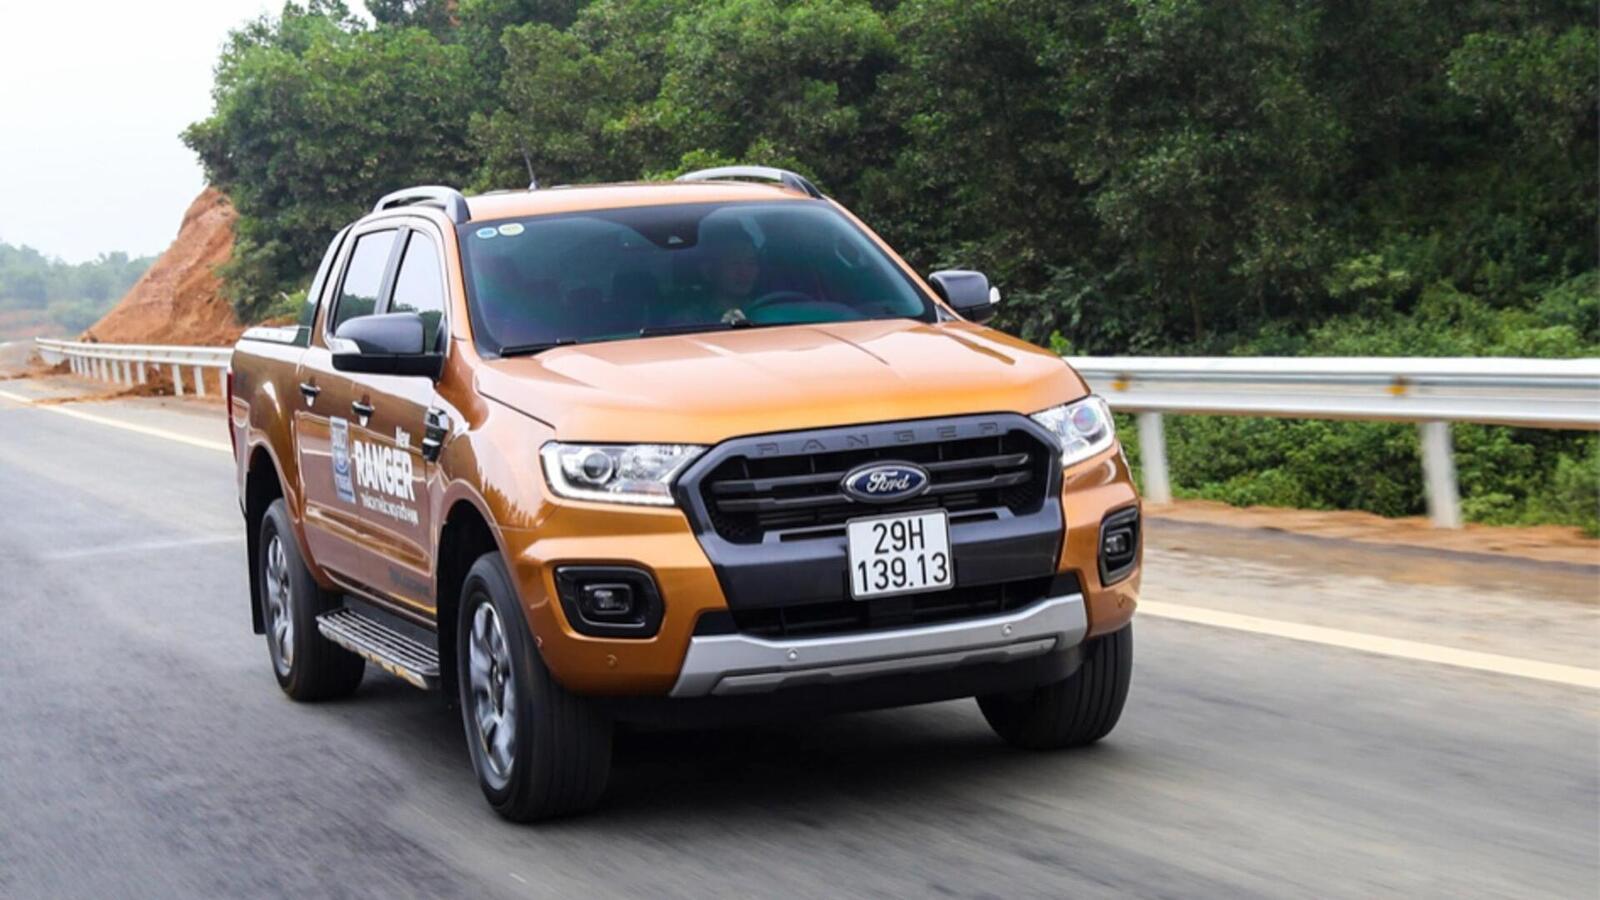 Ford Việt Nam bán hơn 1.900 chiếc Ranger mới trong tháng 12/2018 vừa qua - Hình 1